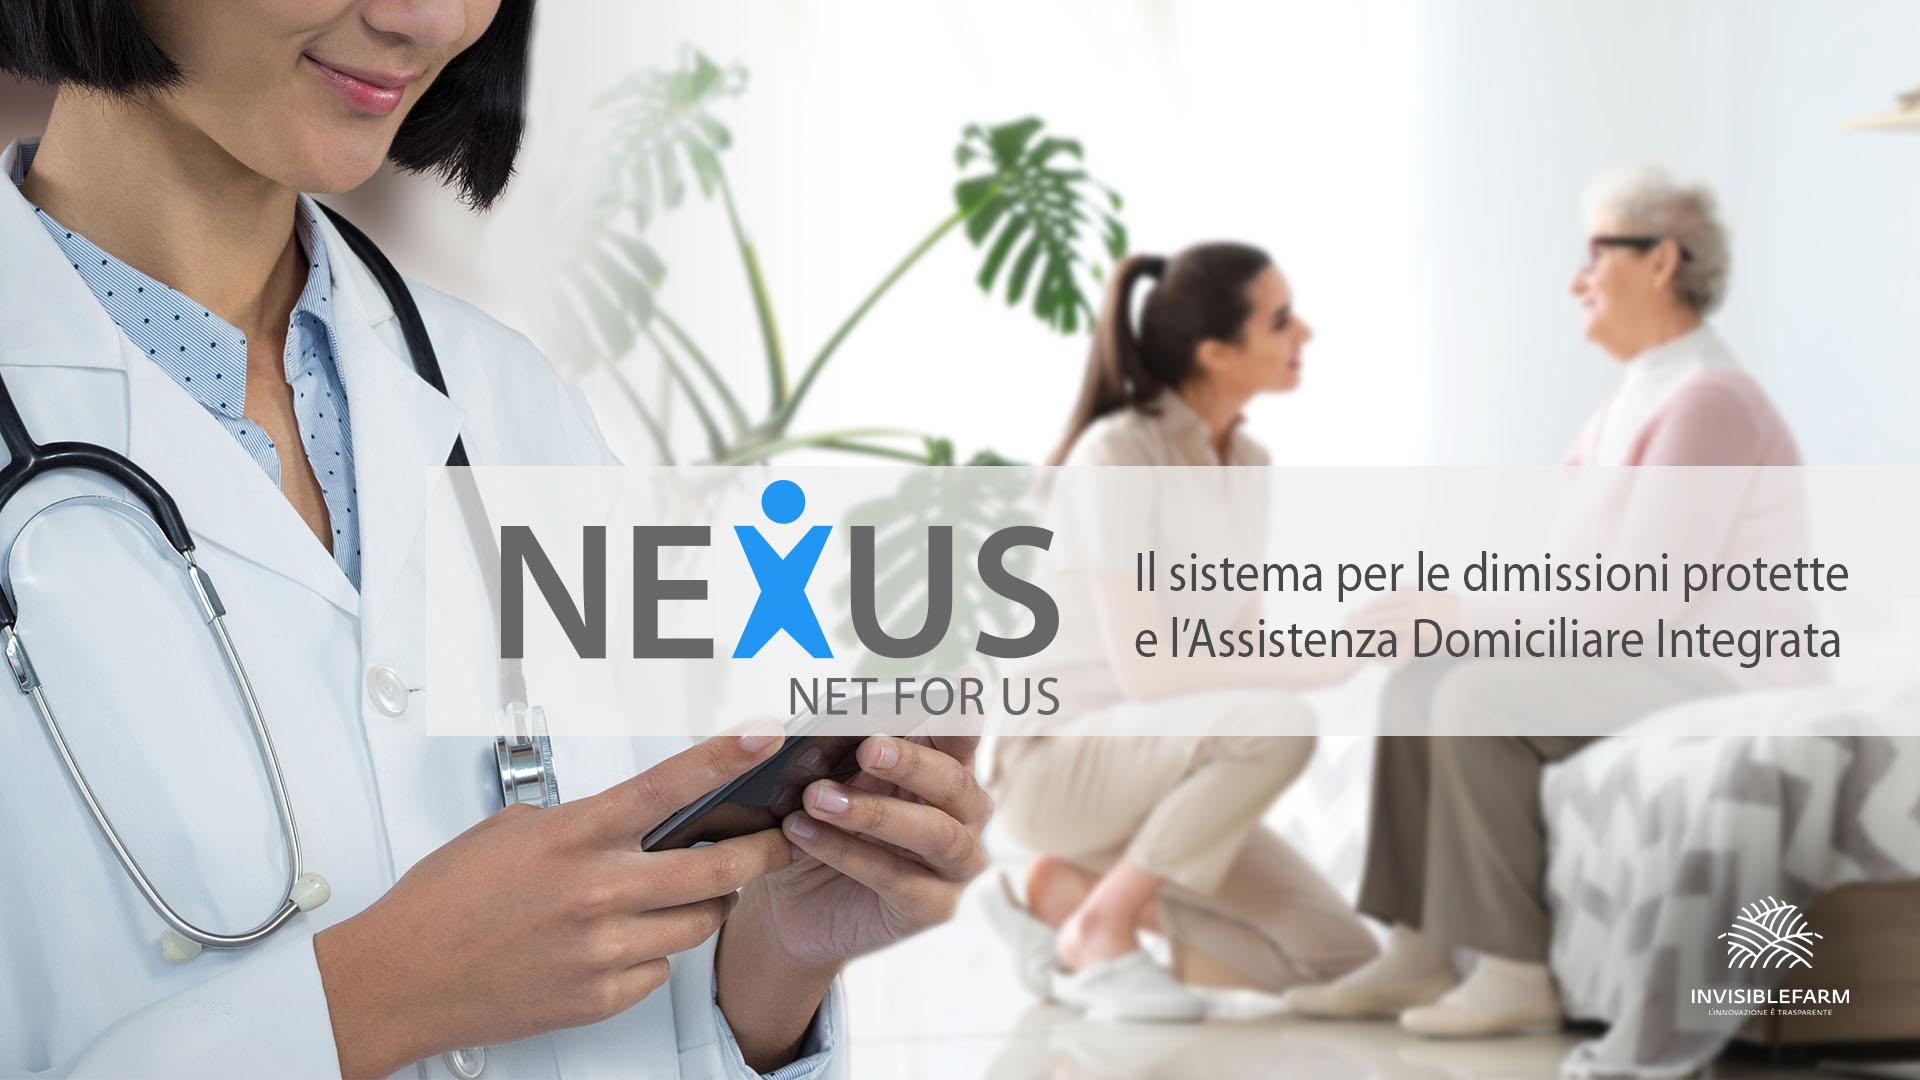 Nexus il sistema informatizzato per la gestione delle dimissioni protette e per l'assistenza domiciliare integrata